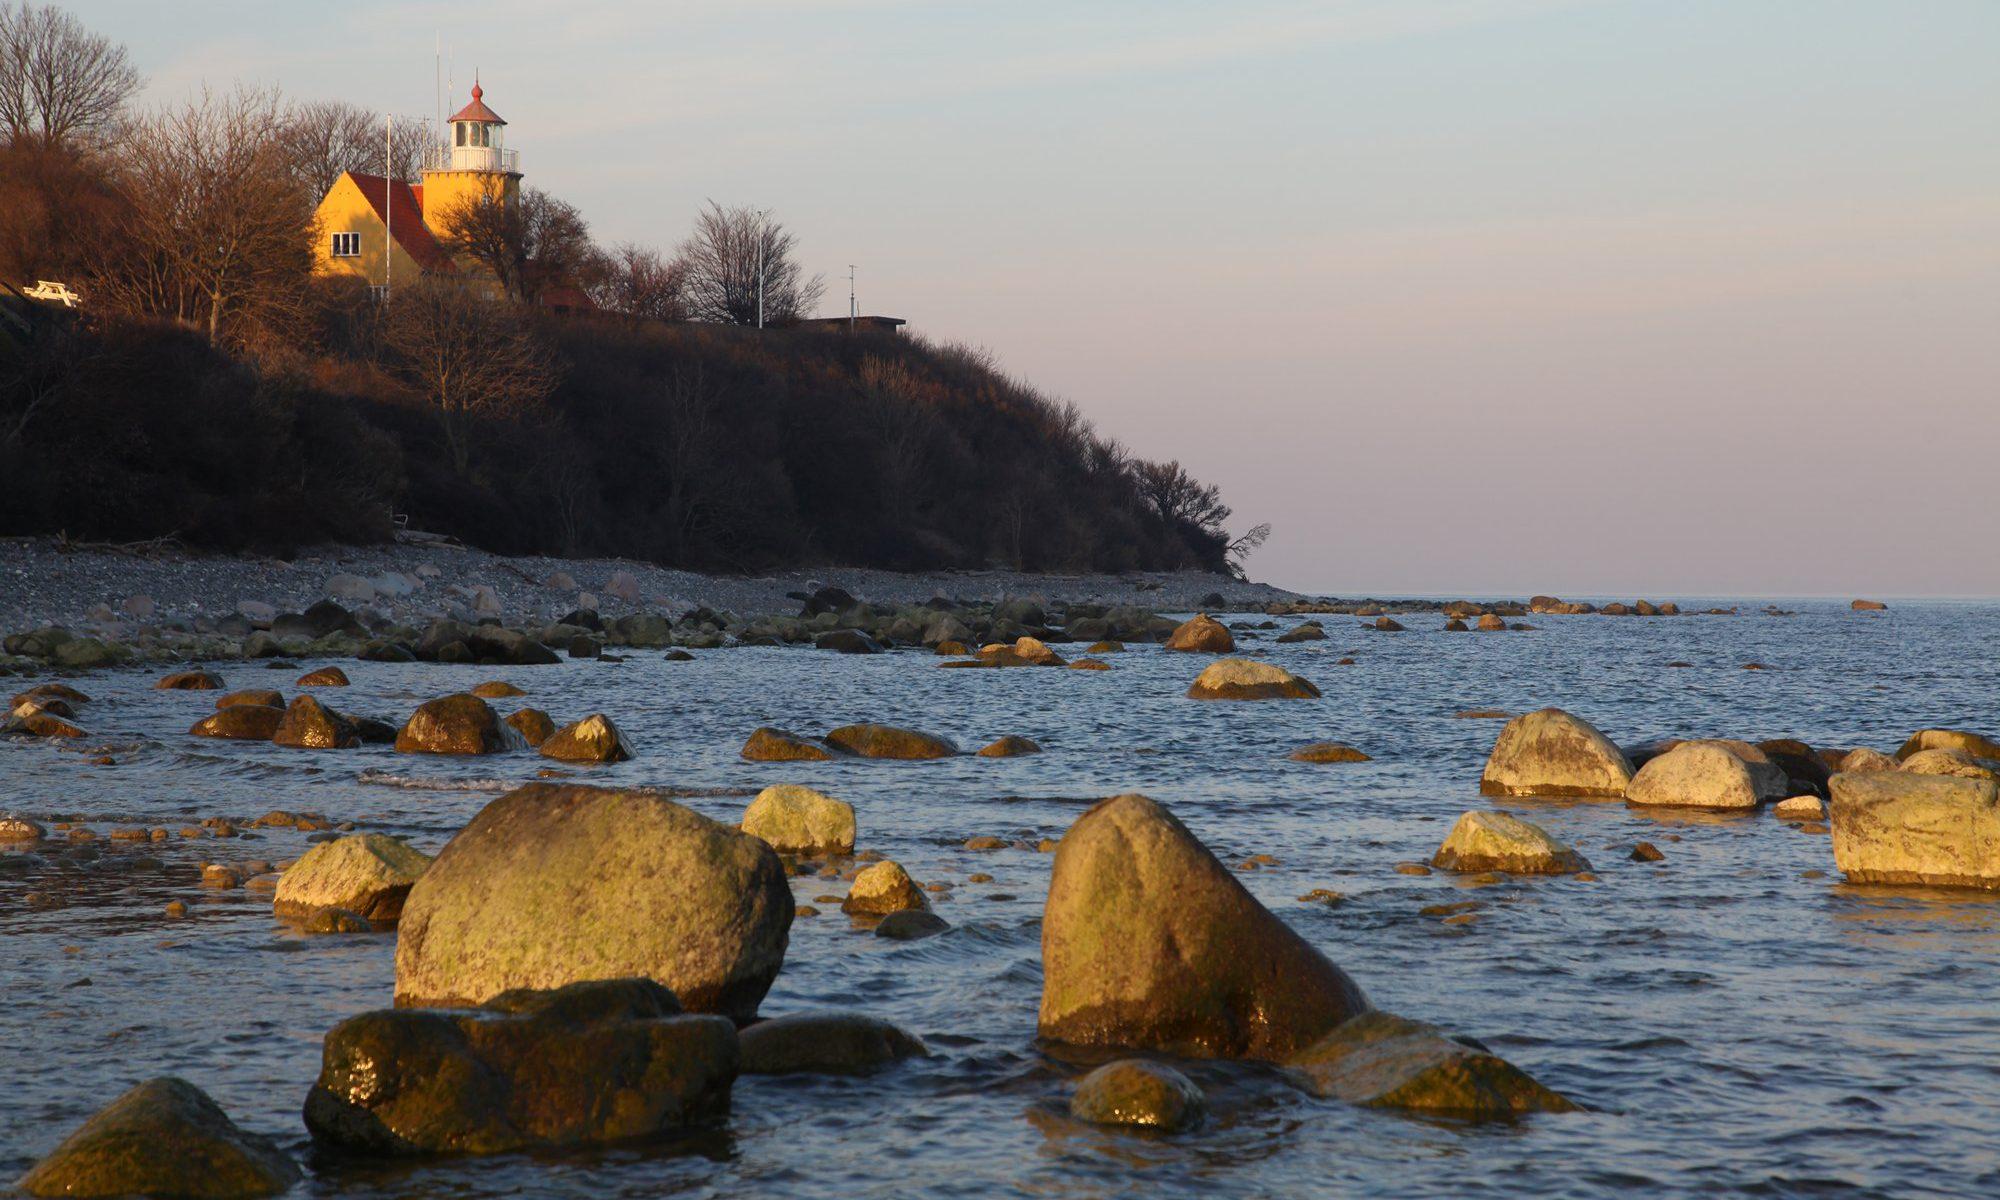 Moen lighthouse